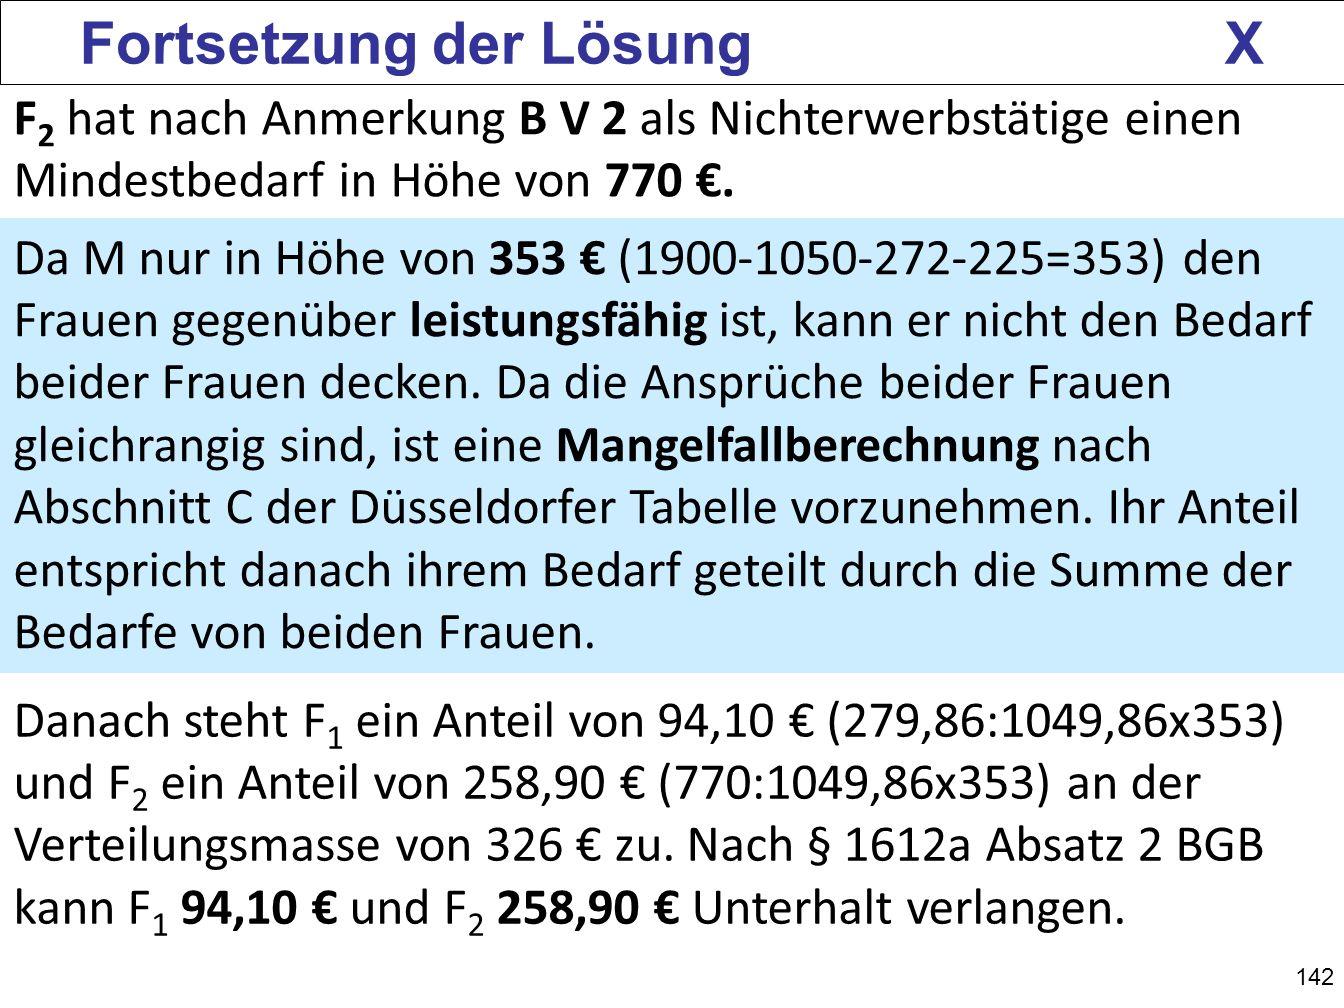 142 Fortsetzung der Lösung X F 2 hat nach Anmerkung B V 2 als Nichterwerbstätige einen Mindestbedarf in Höhe von 770. Da M nur in Höhe von 353 (1900-1